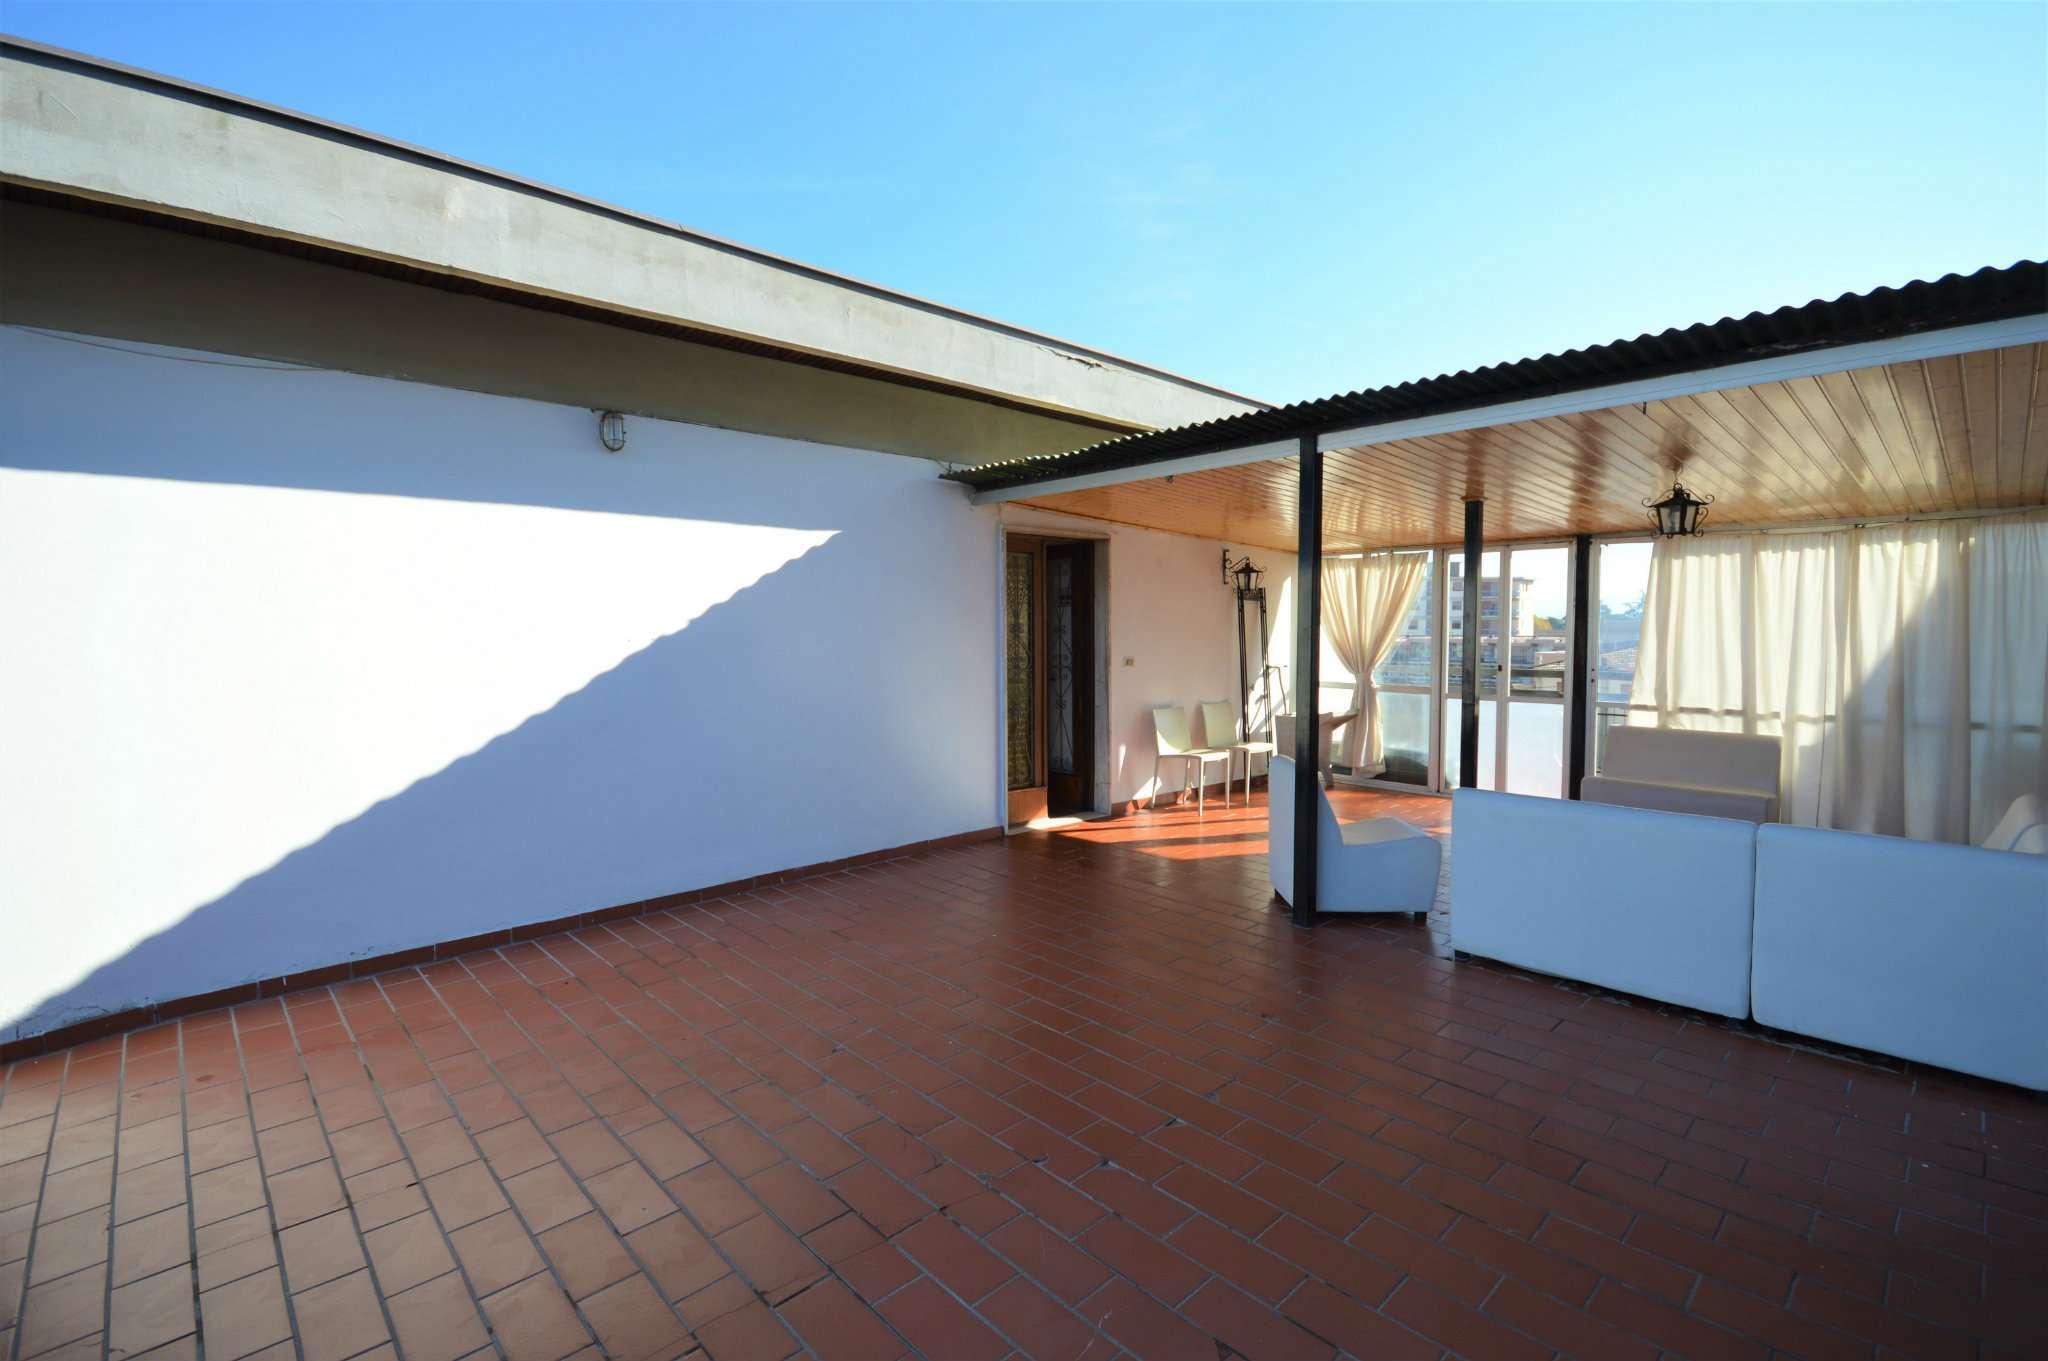 Attico / Mansarda in vendita a Montevarchi, 4 locali, prezzo € 80.000 | Cambio Casa.it